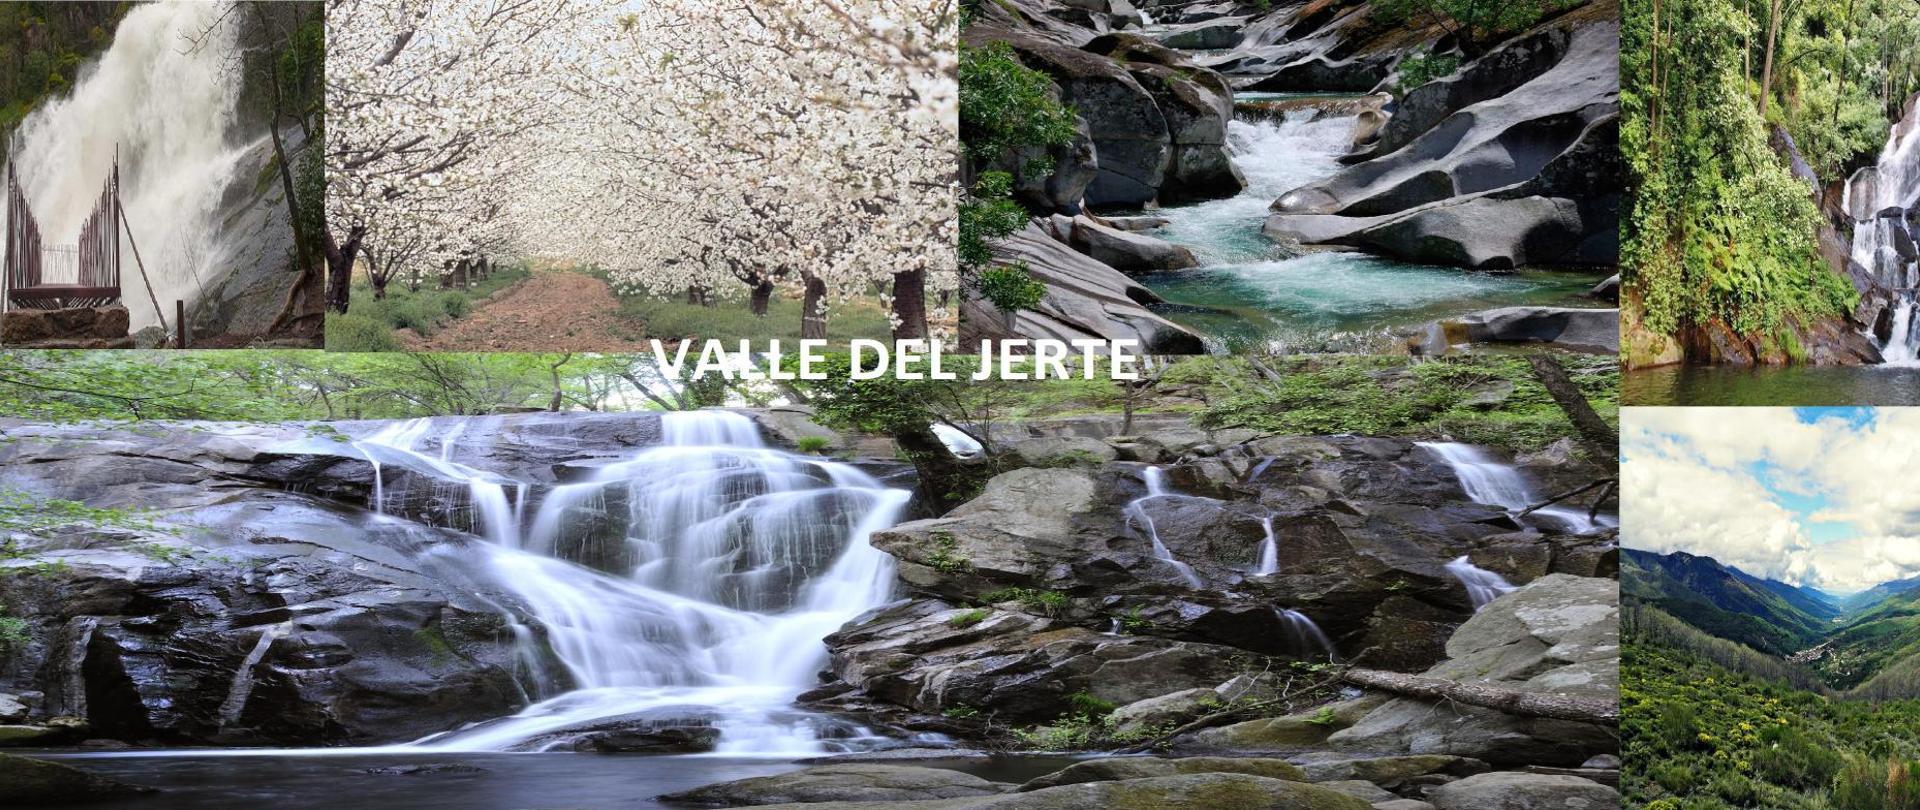 VALLE DEL JERTE.jpg